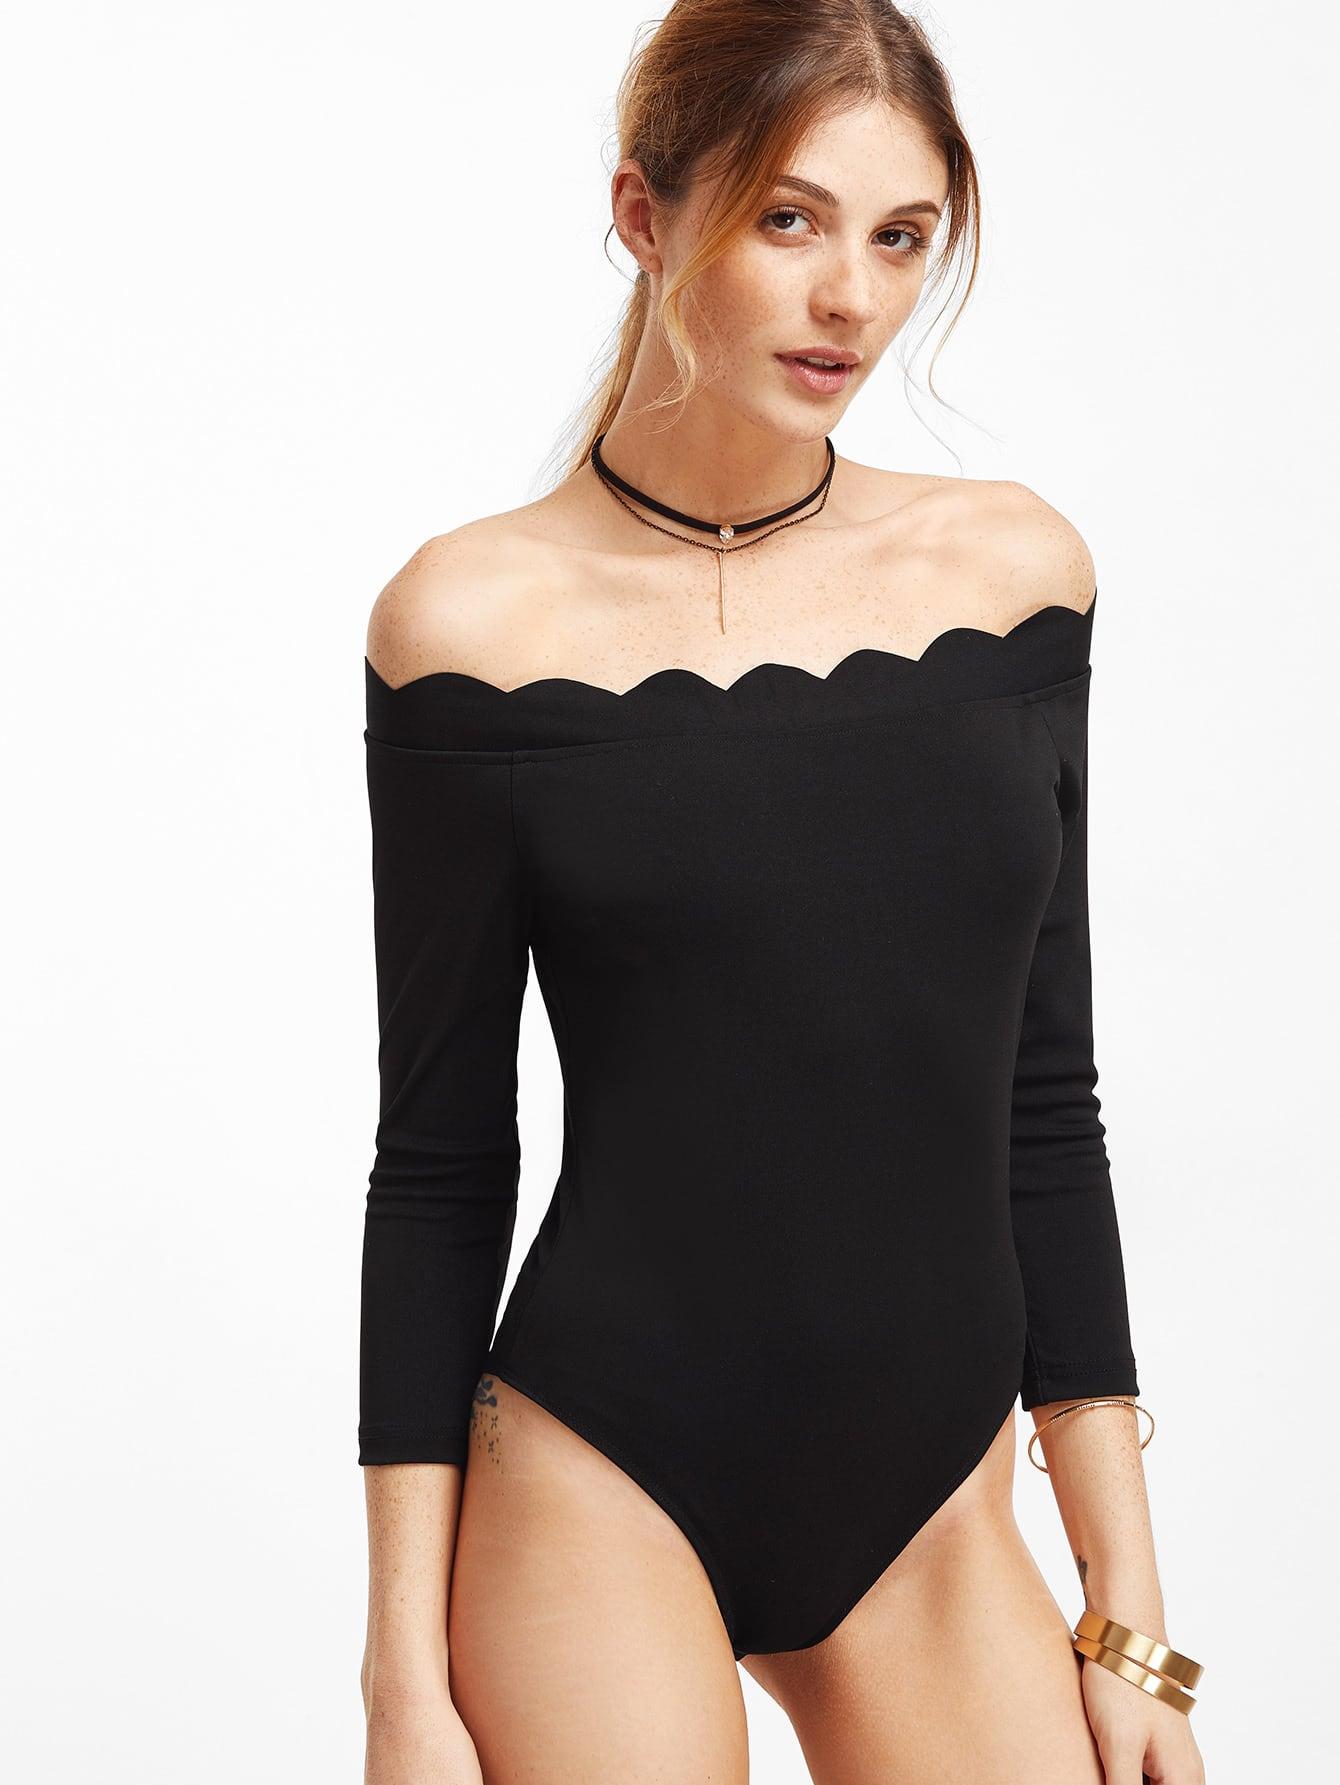 bodysuit161010704_2